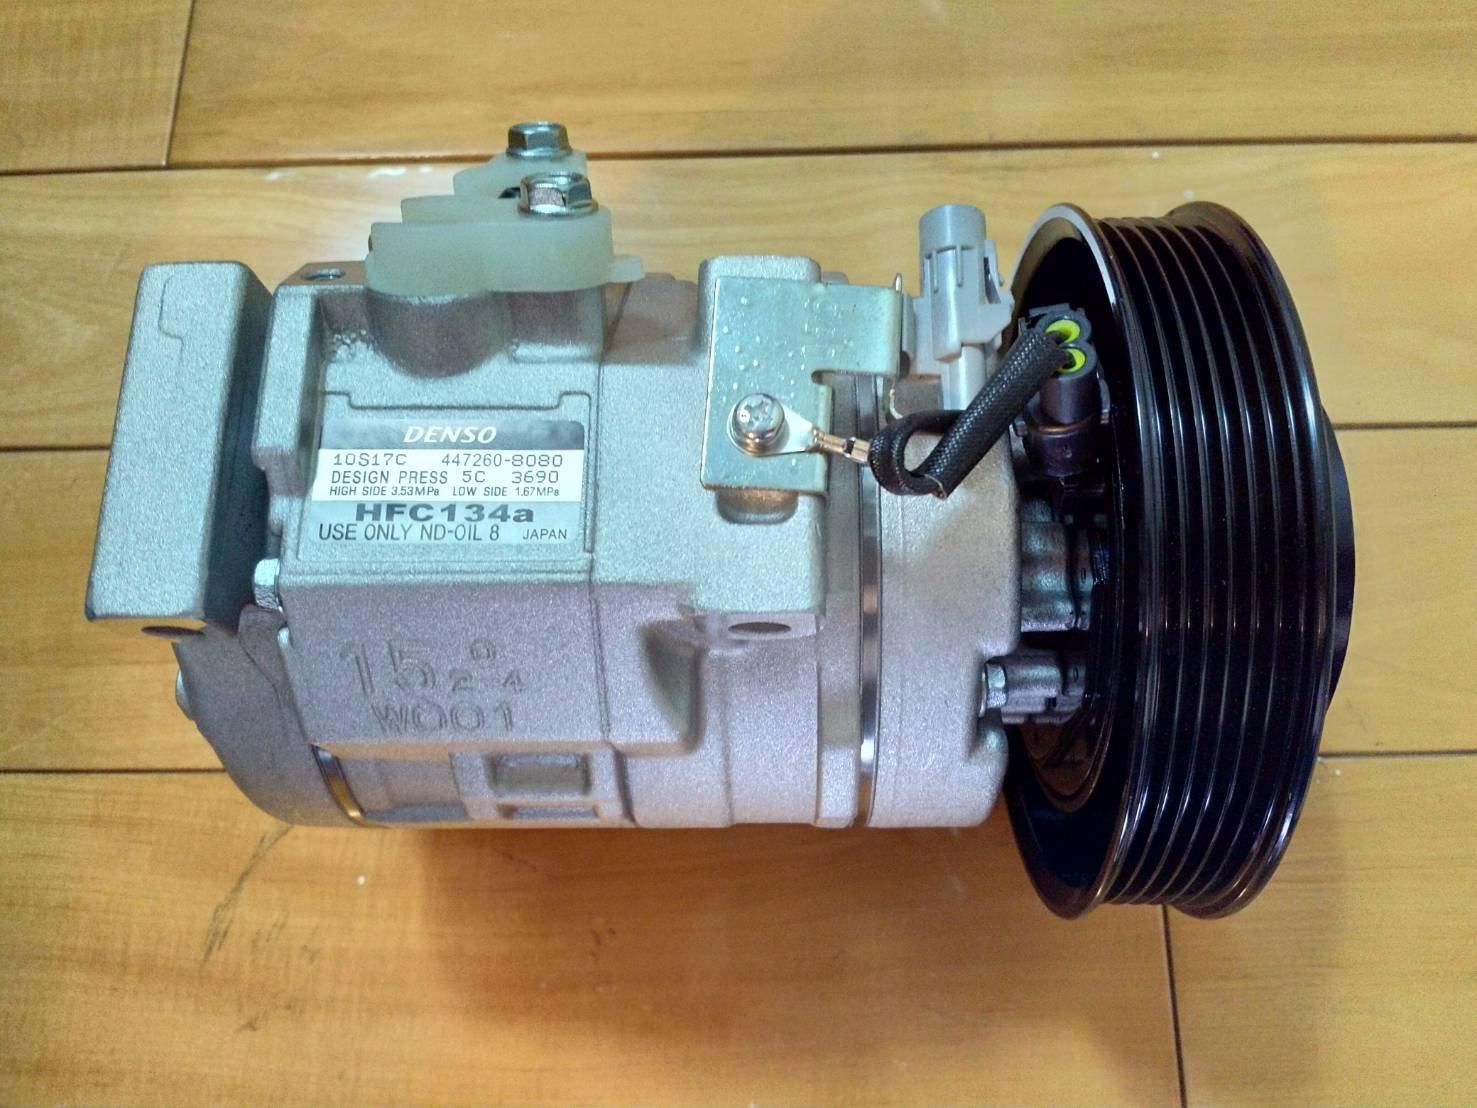 全新 Toyota豐田 Altis 1.8 04-07、08-10 原廠冷氣壓縮機 保固2年6萬公里